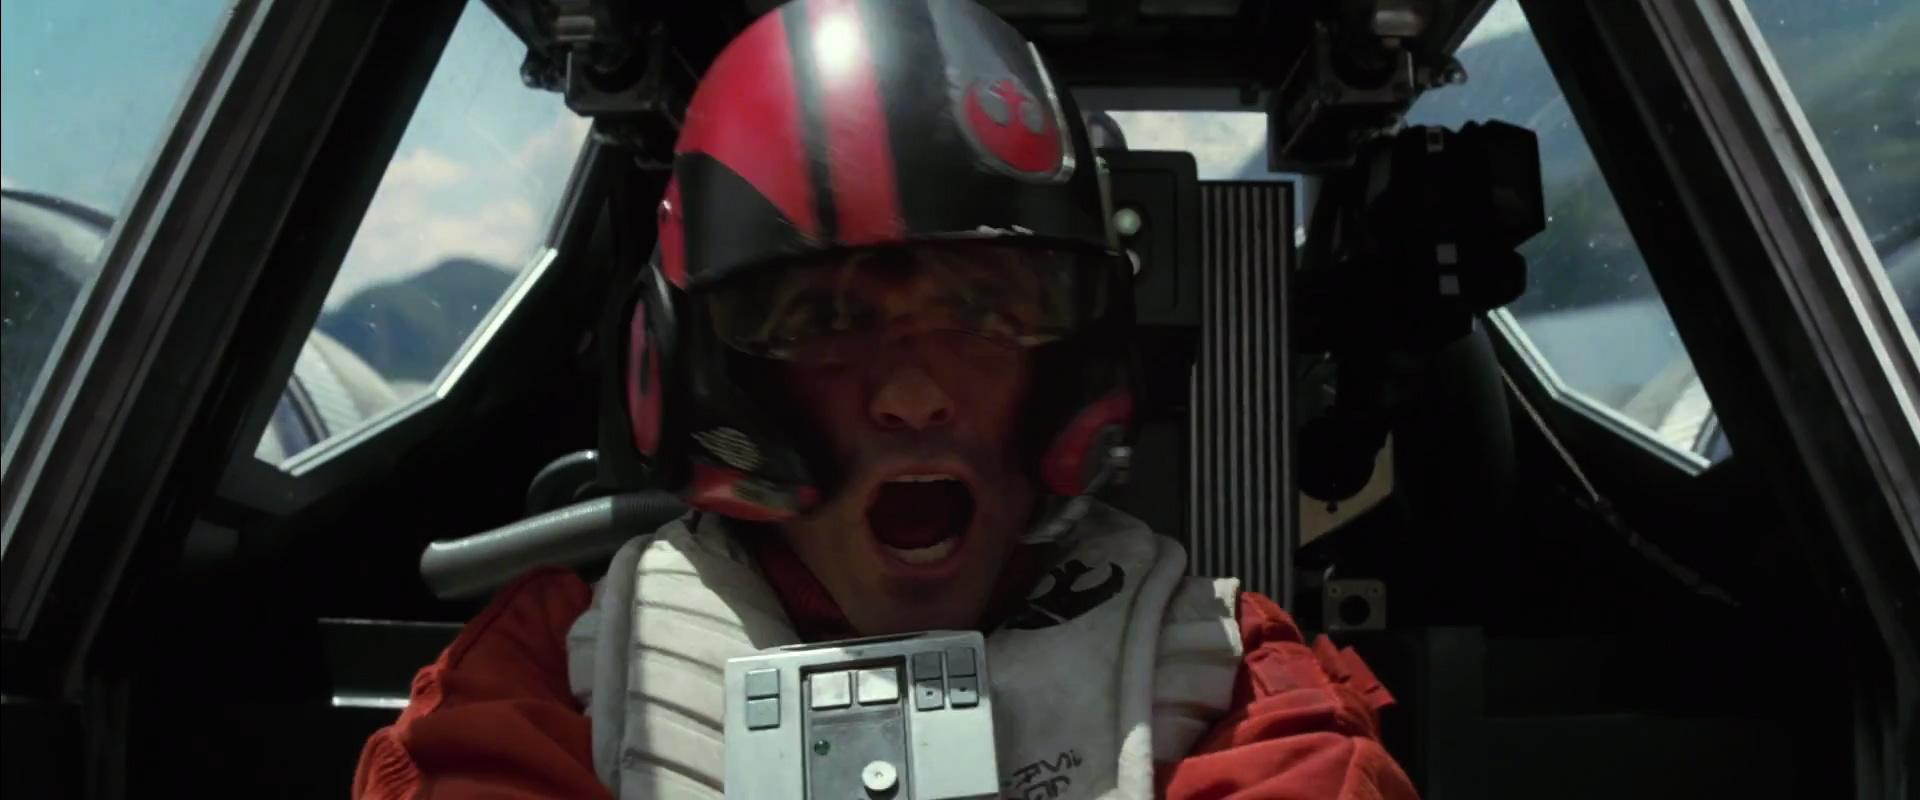 Star Wars  The Force Awakens Official Teaser #2 1626.jpg